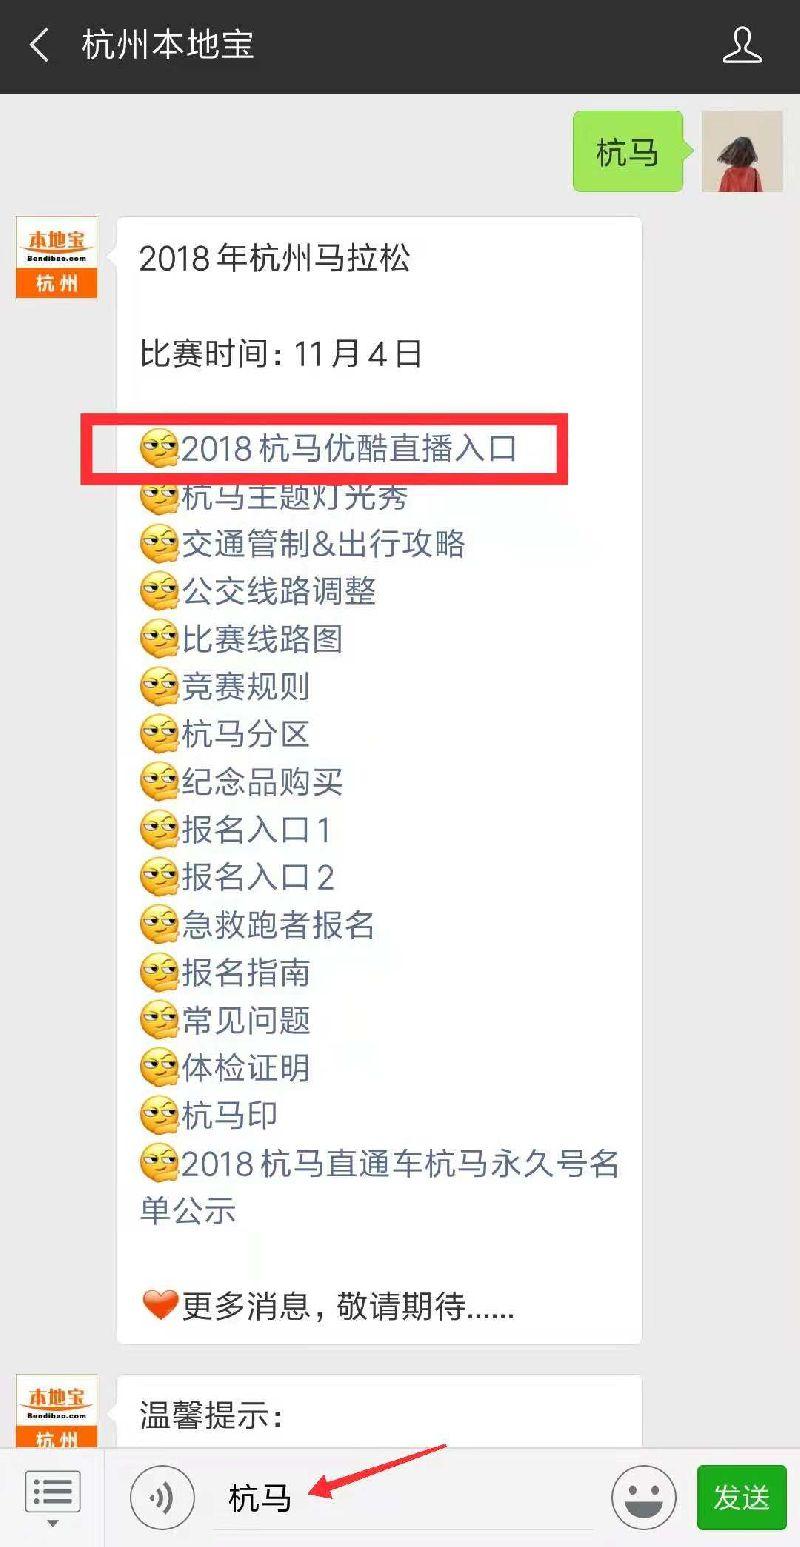 2018杭州马拉松直播电视台(直播时间 直播网址)